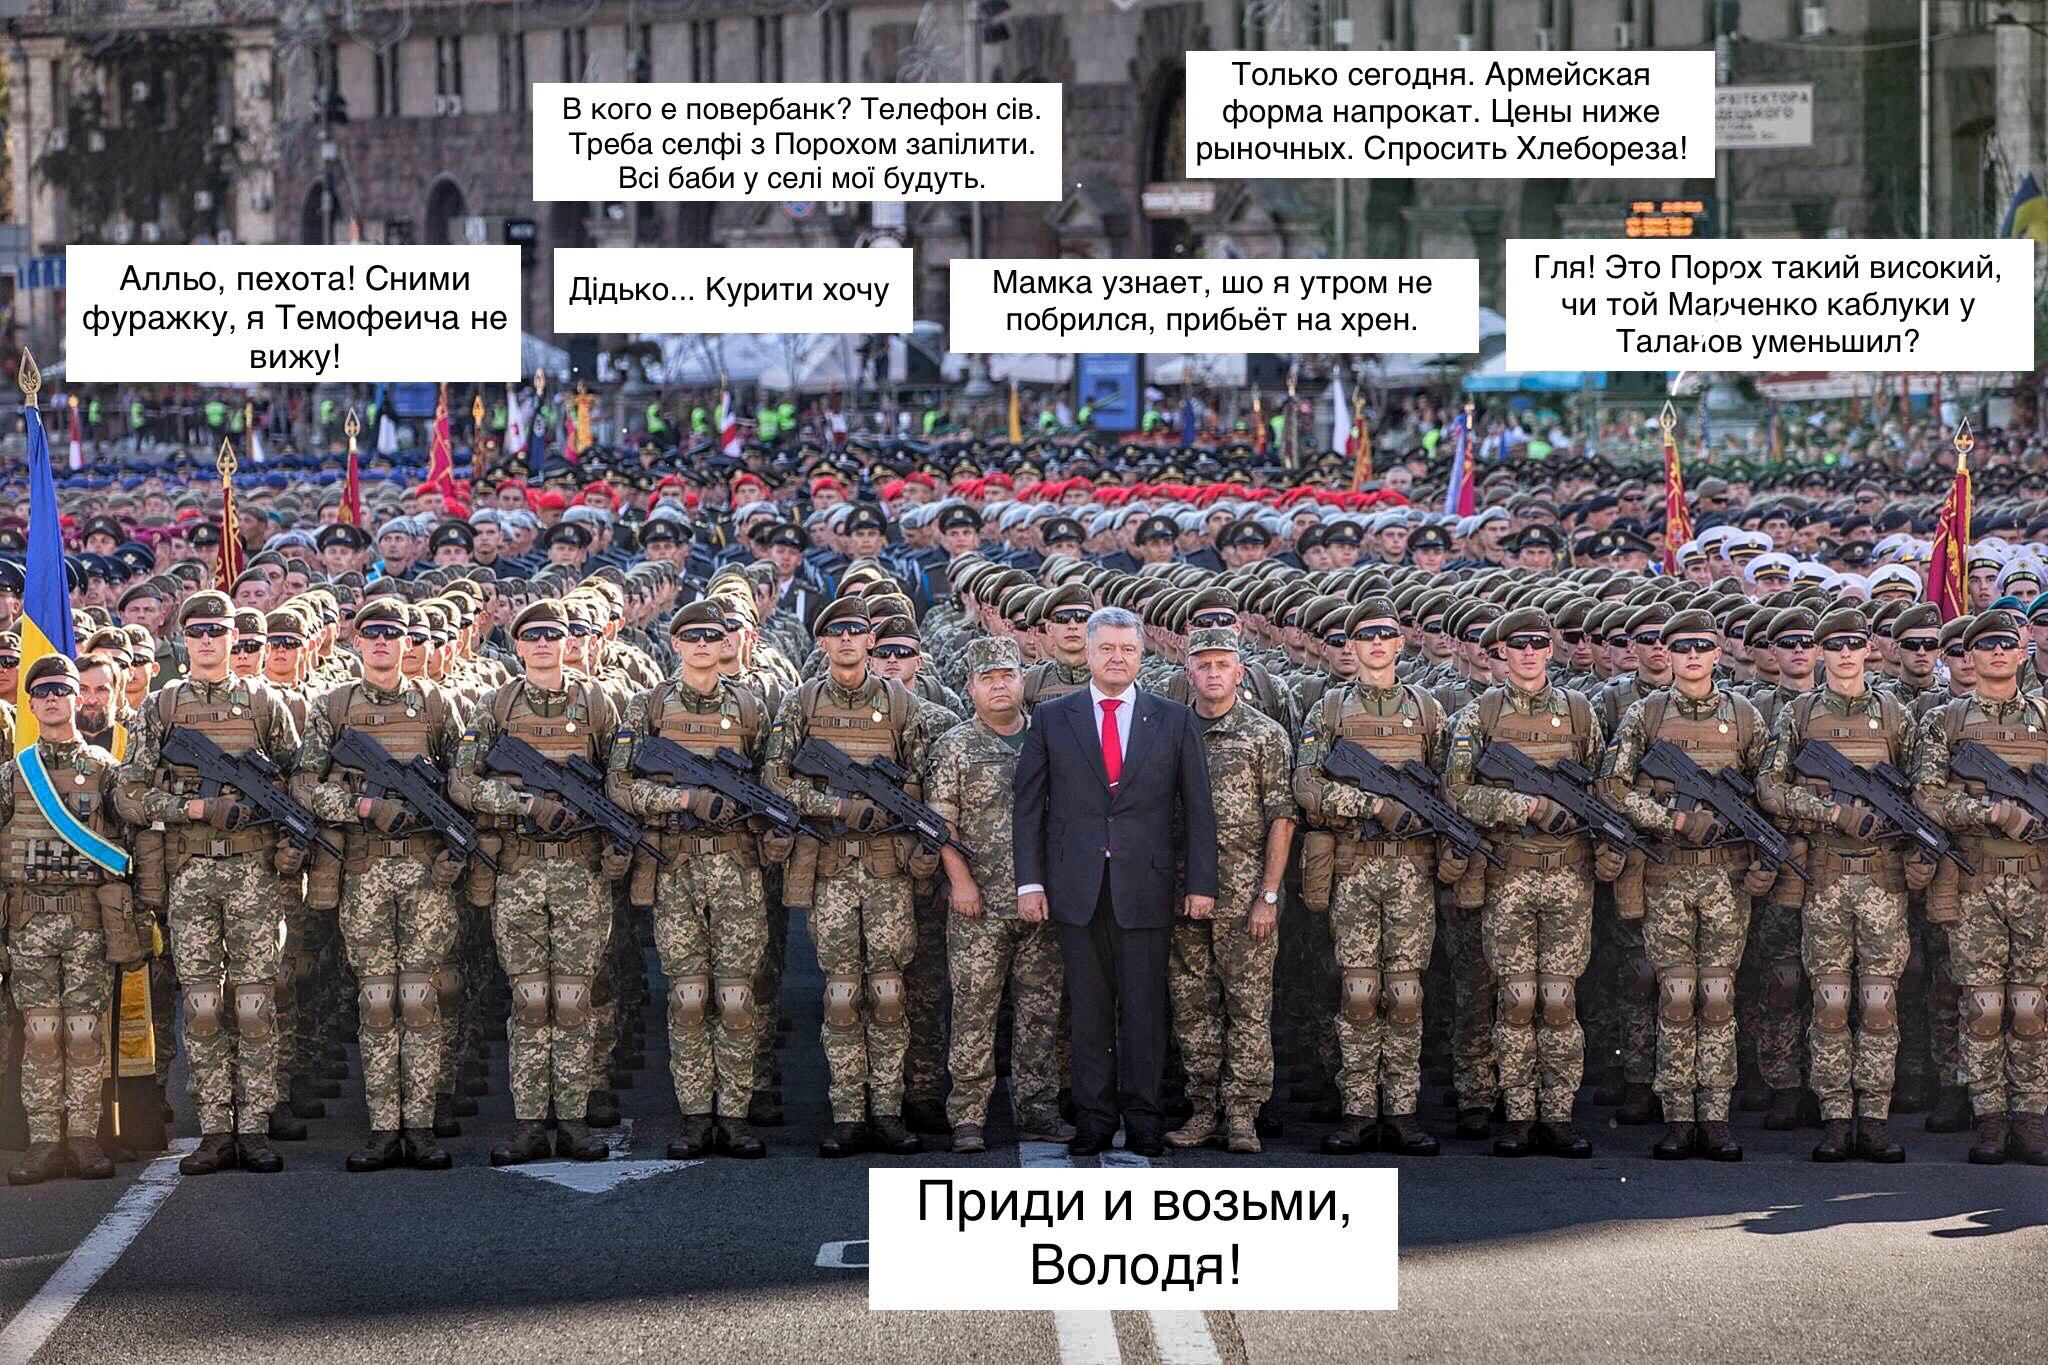 В генеральной репетиции парада на Крещатике приняли участие парадные расчеты 8 иностранных подразделений, - Полторак - Цензор.НЕТ 7503